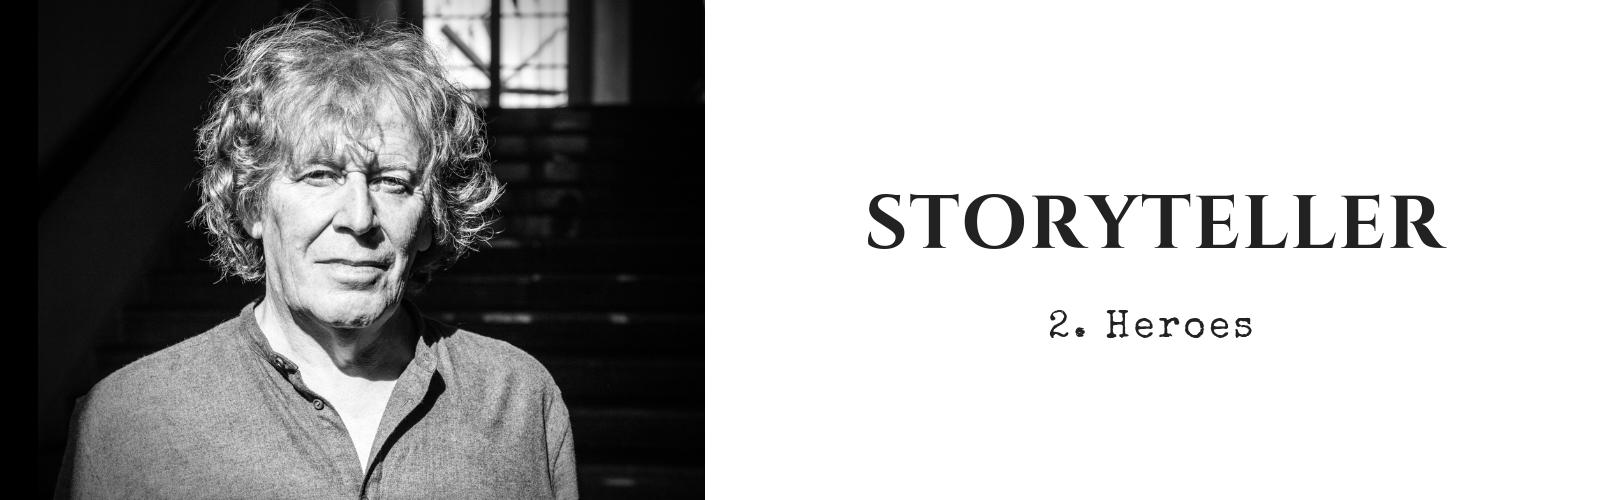 Pat Mills Storyteller #2 Heroes photo by Richard Klicnik